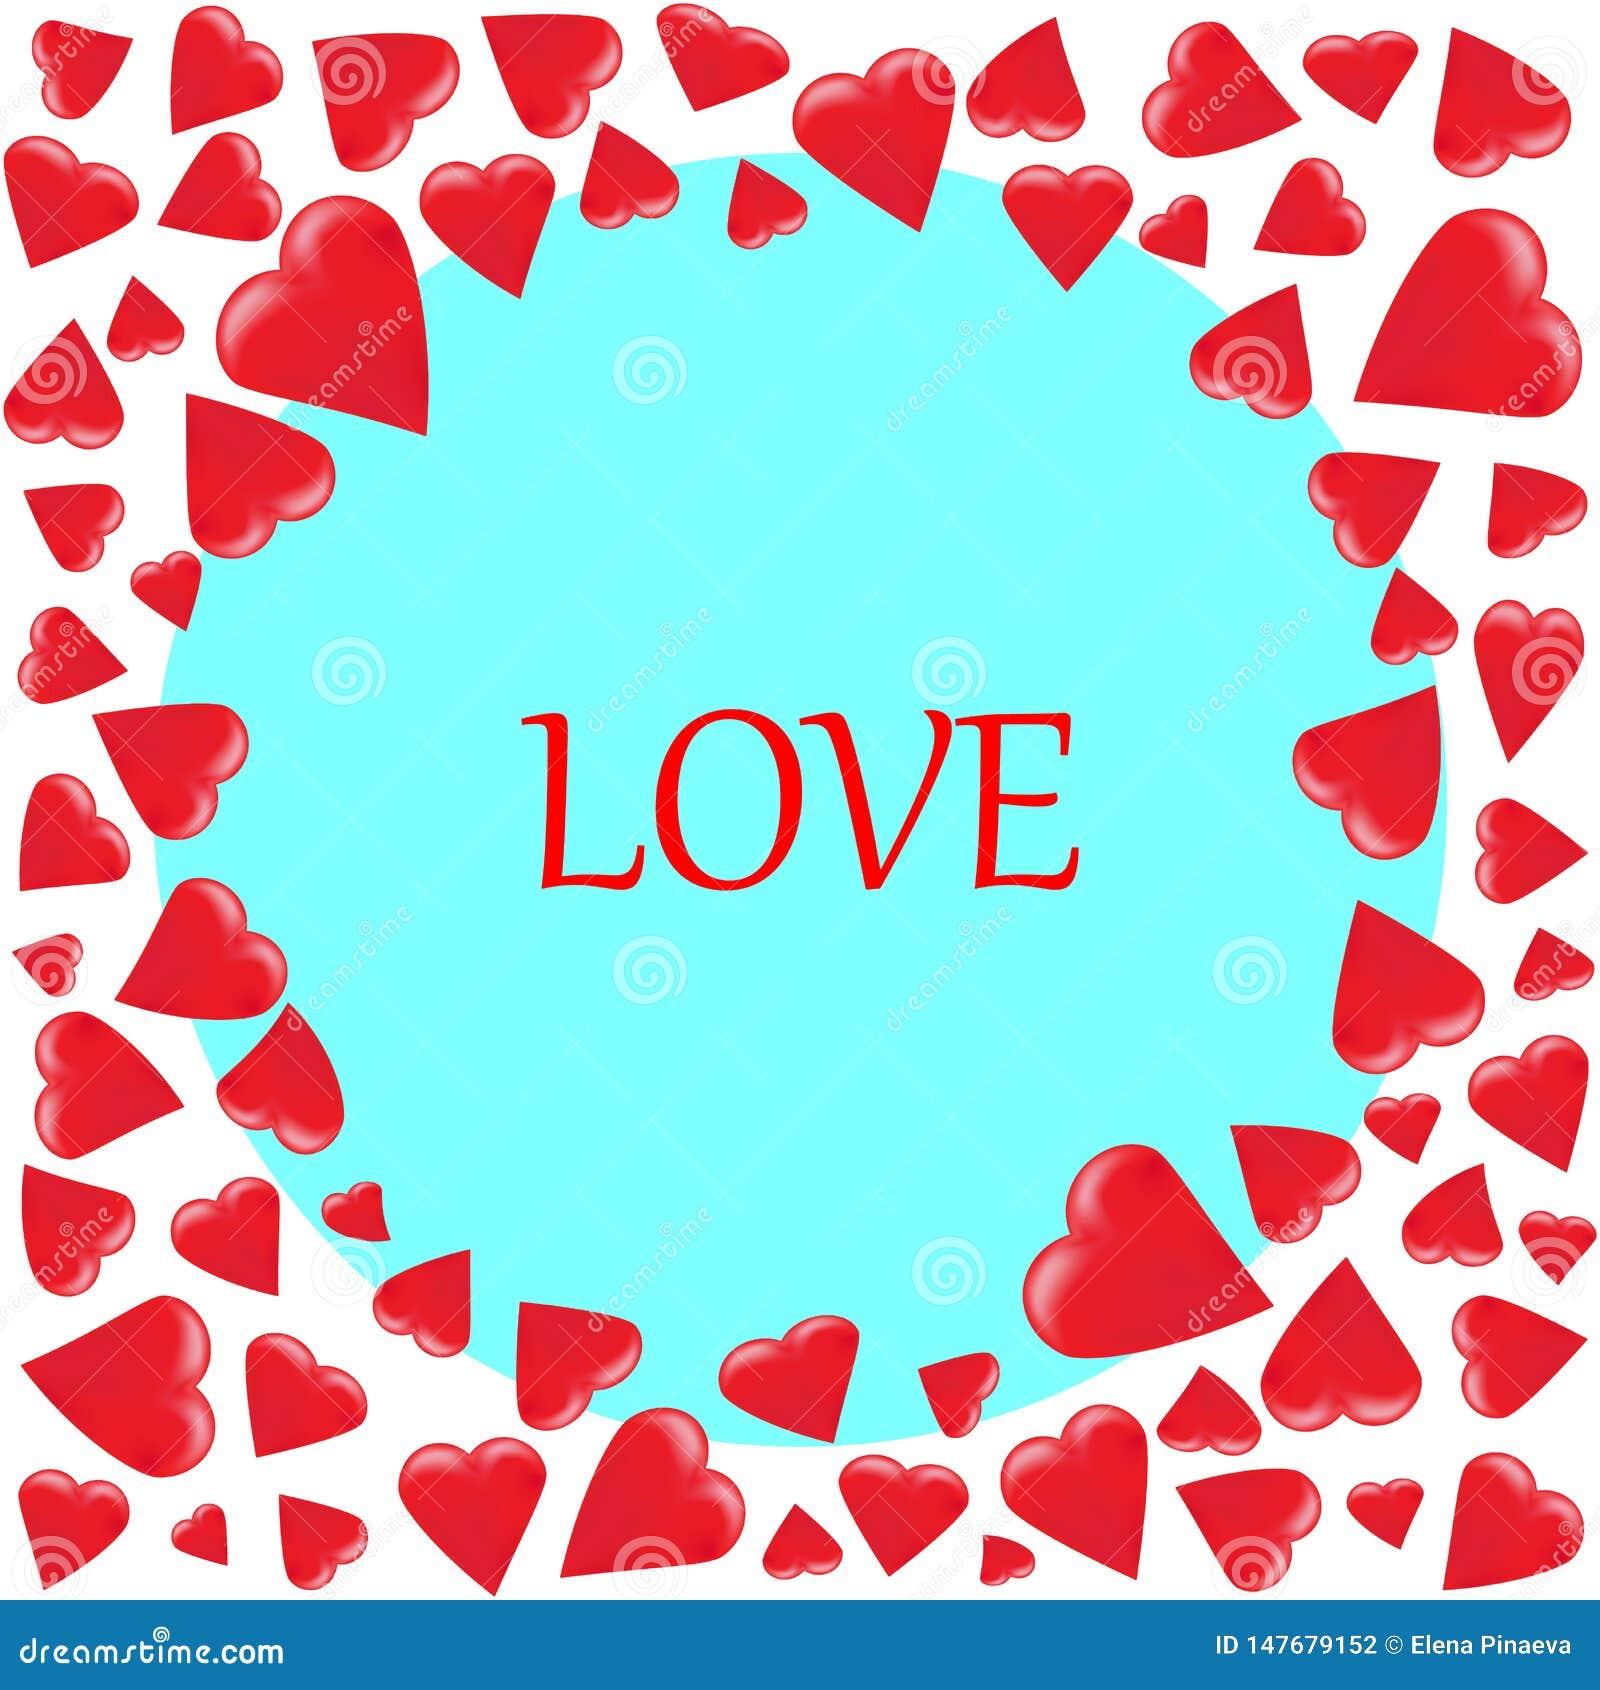 Marco redondo de diversos corazones clasificados